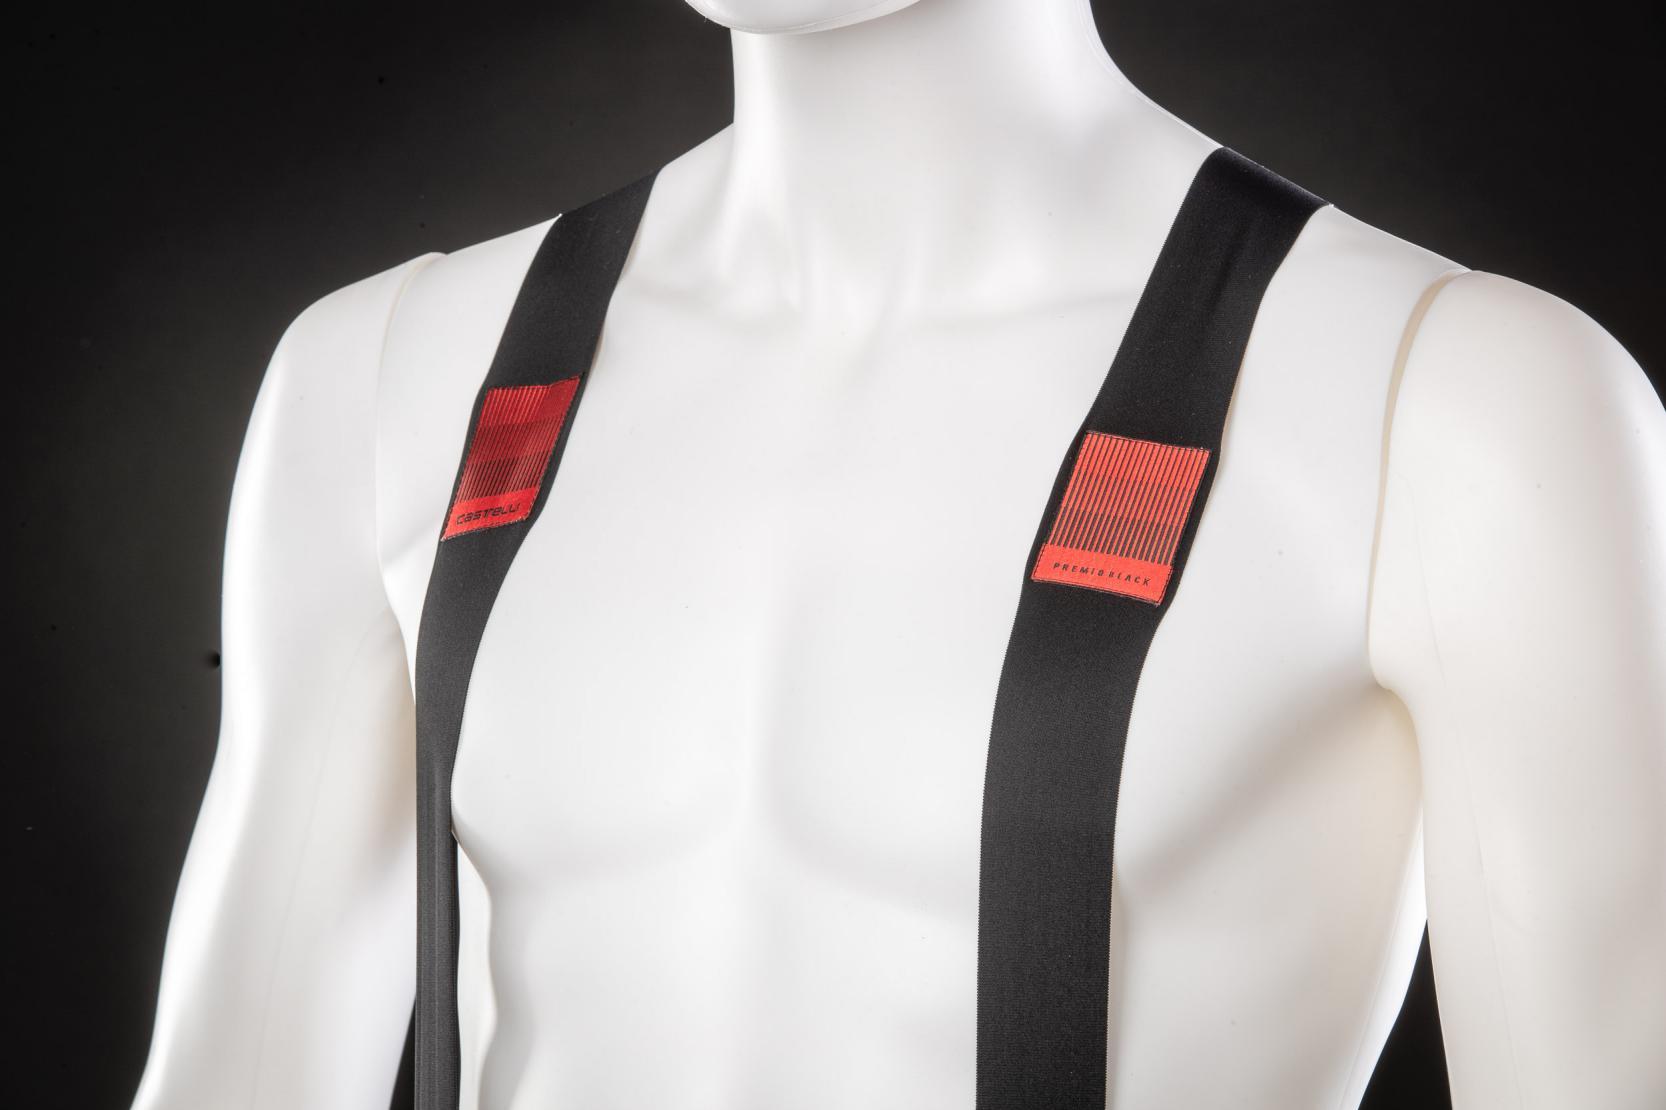 #6 Träger mit Verstärkungen: Die schmalen Träger sind elastisch genug, dass sie sich jedem Oberkörper anpassen und weisen genügend Spannung auf, um die Bibs in Position zu halten. Damit sich die dünnen und elastischen Träger nicht zusammenfalten oder einrollen, wurde an der richtigen Stelle ein Besatz verklebt und zusätzlich vernäht.